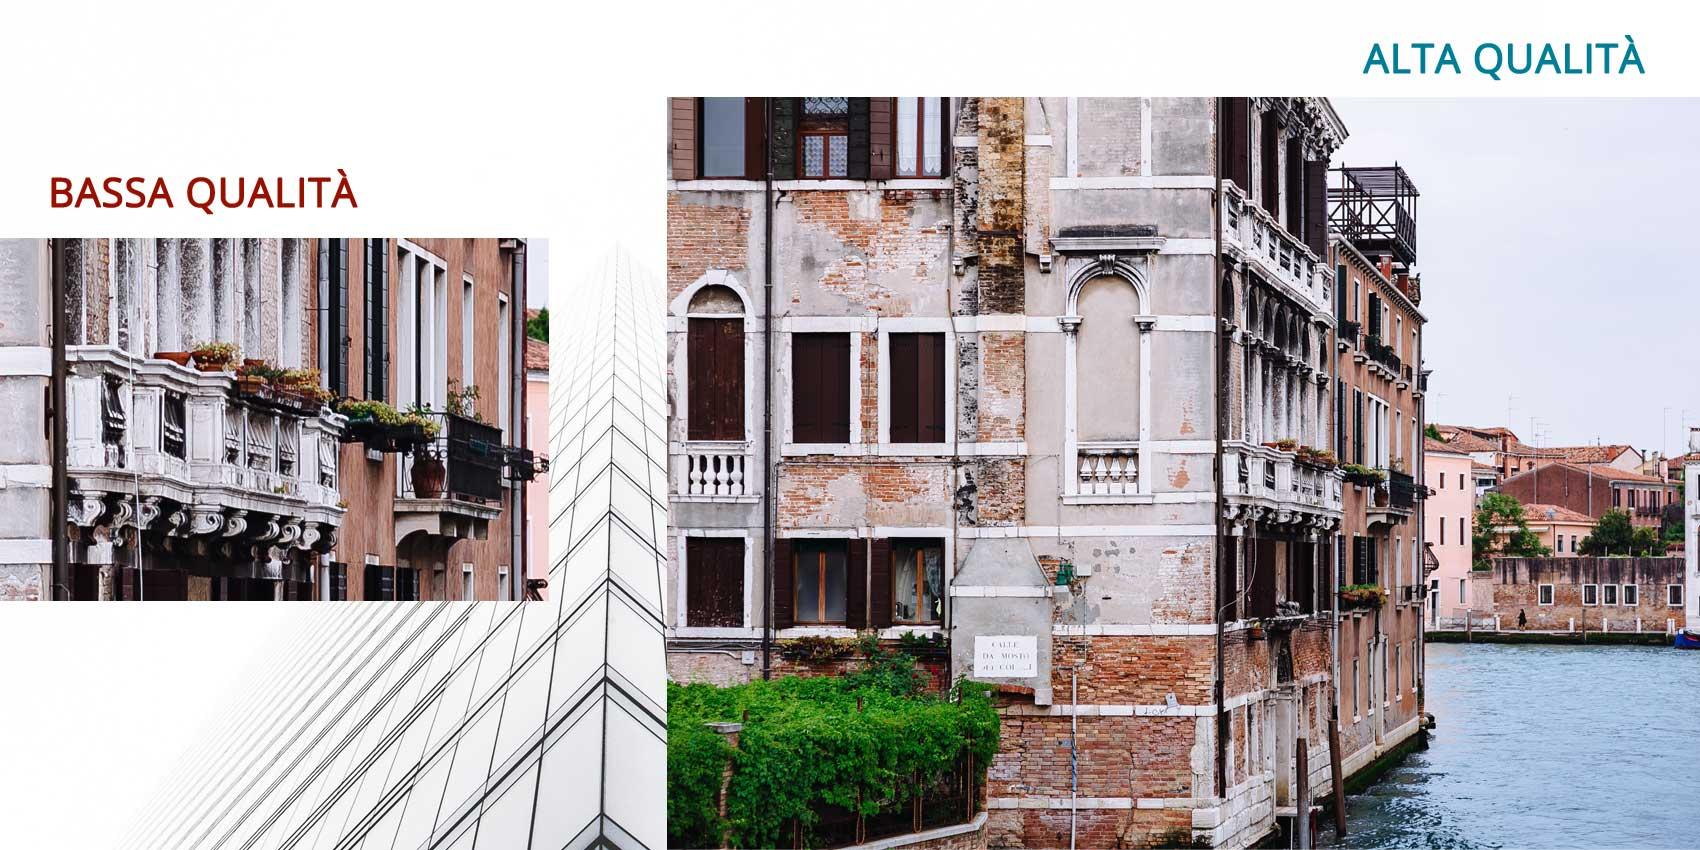 tipo immagine per annunci immobiliari